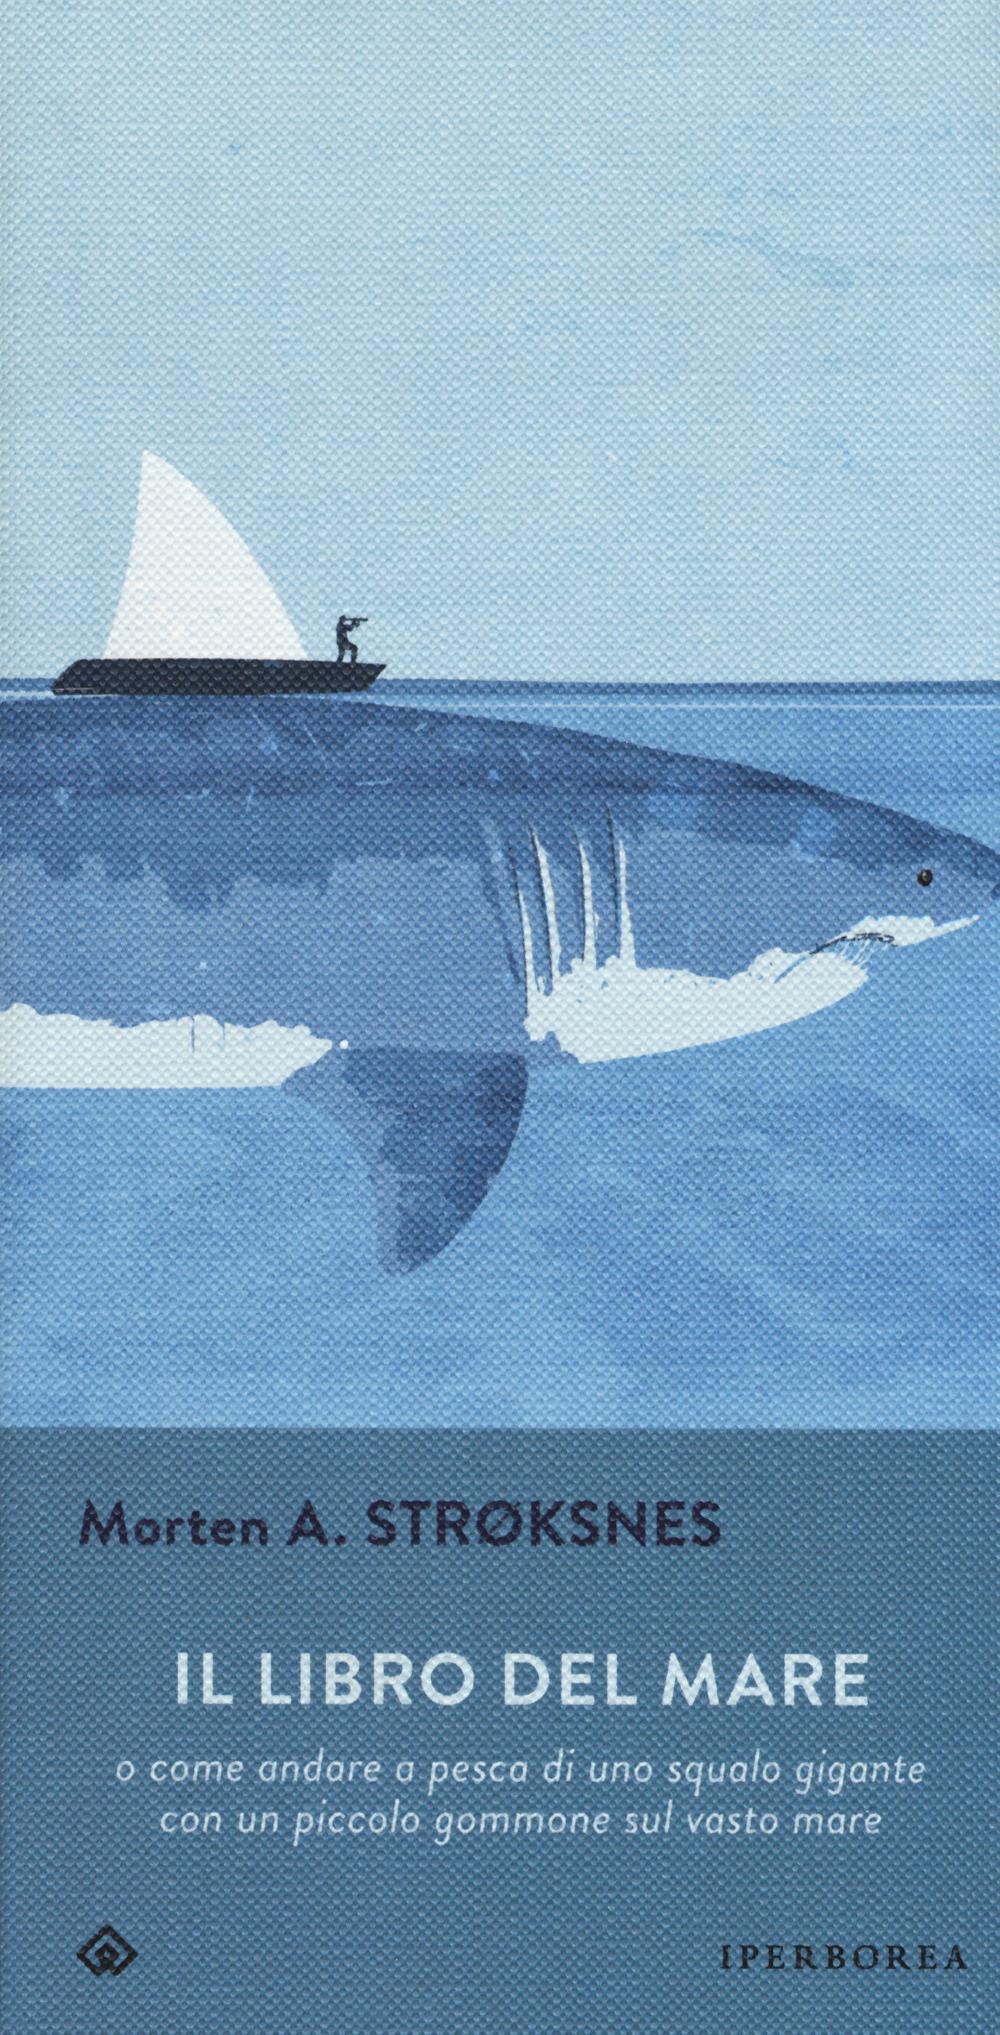 Il libro del mare o come andare a pesca di uno squalo gigante con un piccolo gommone sul vasto mare